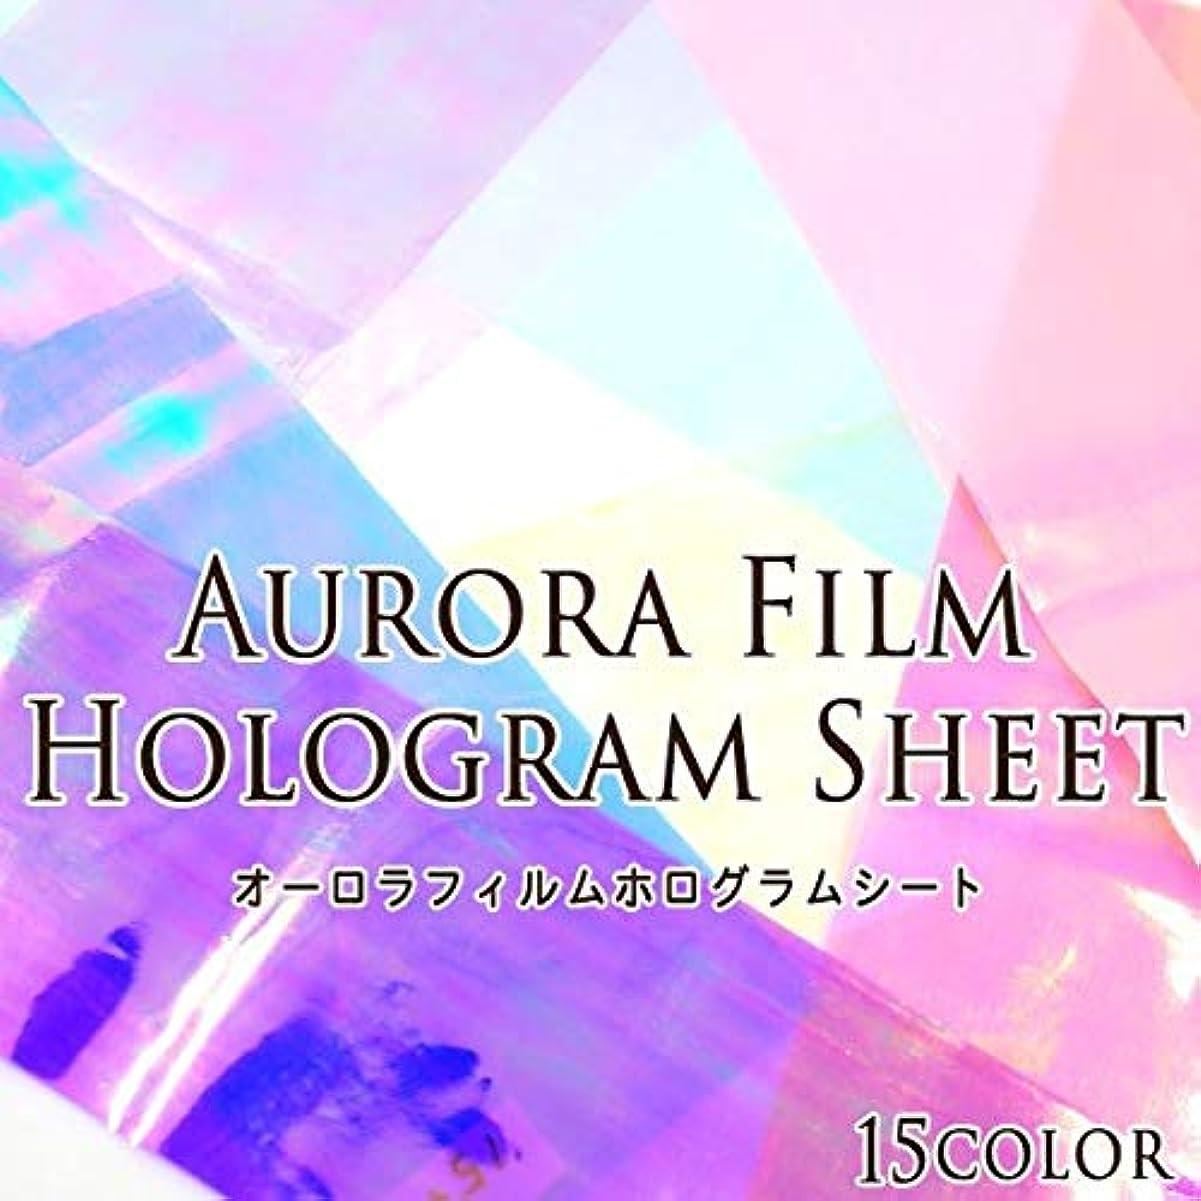 ネズミホイールコメントオーロラフィルム ホログラムシート 1枚入 (3.クリアブルー 5#)